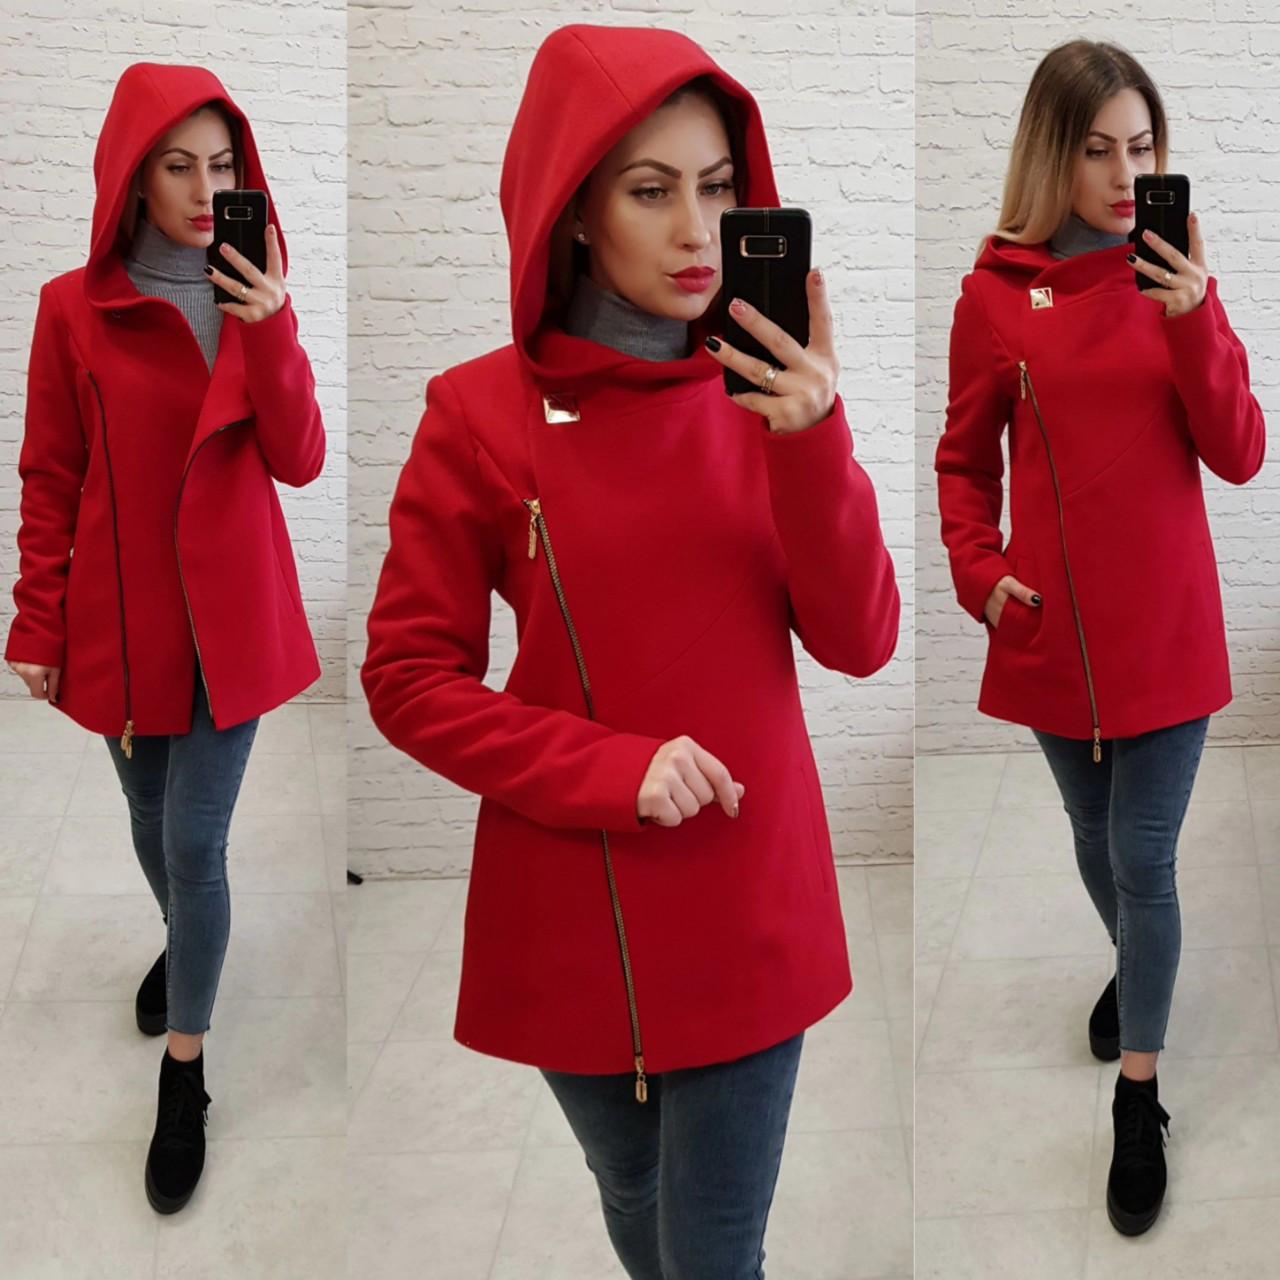 Короткое пальто женское с капюшоном, модель  156, красный